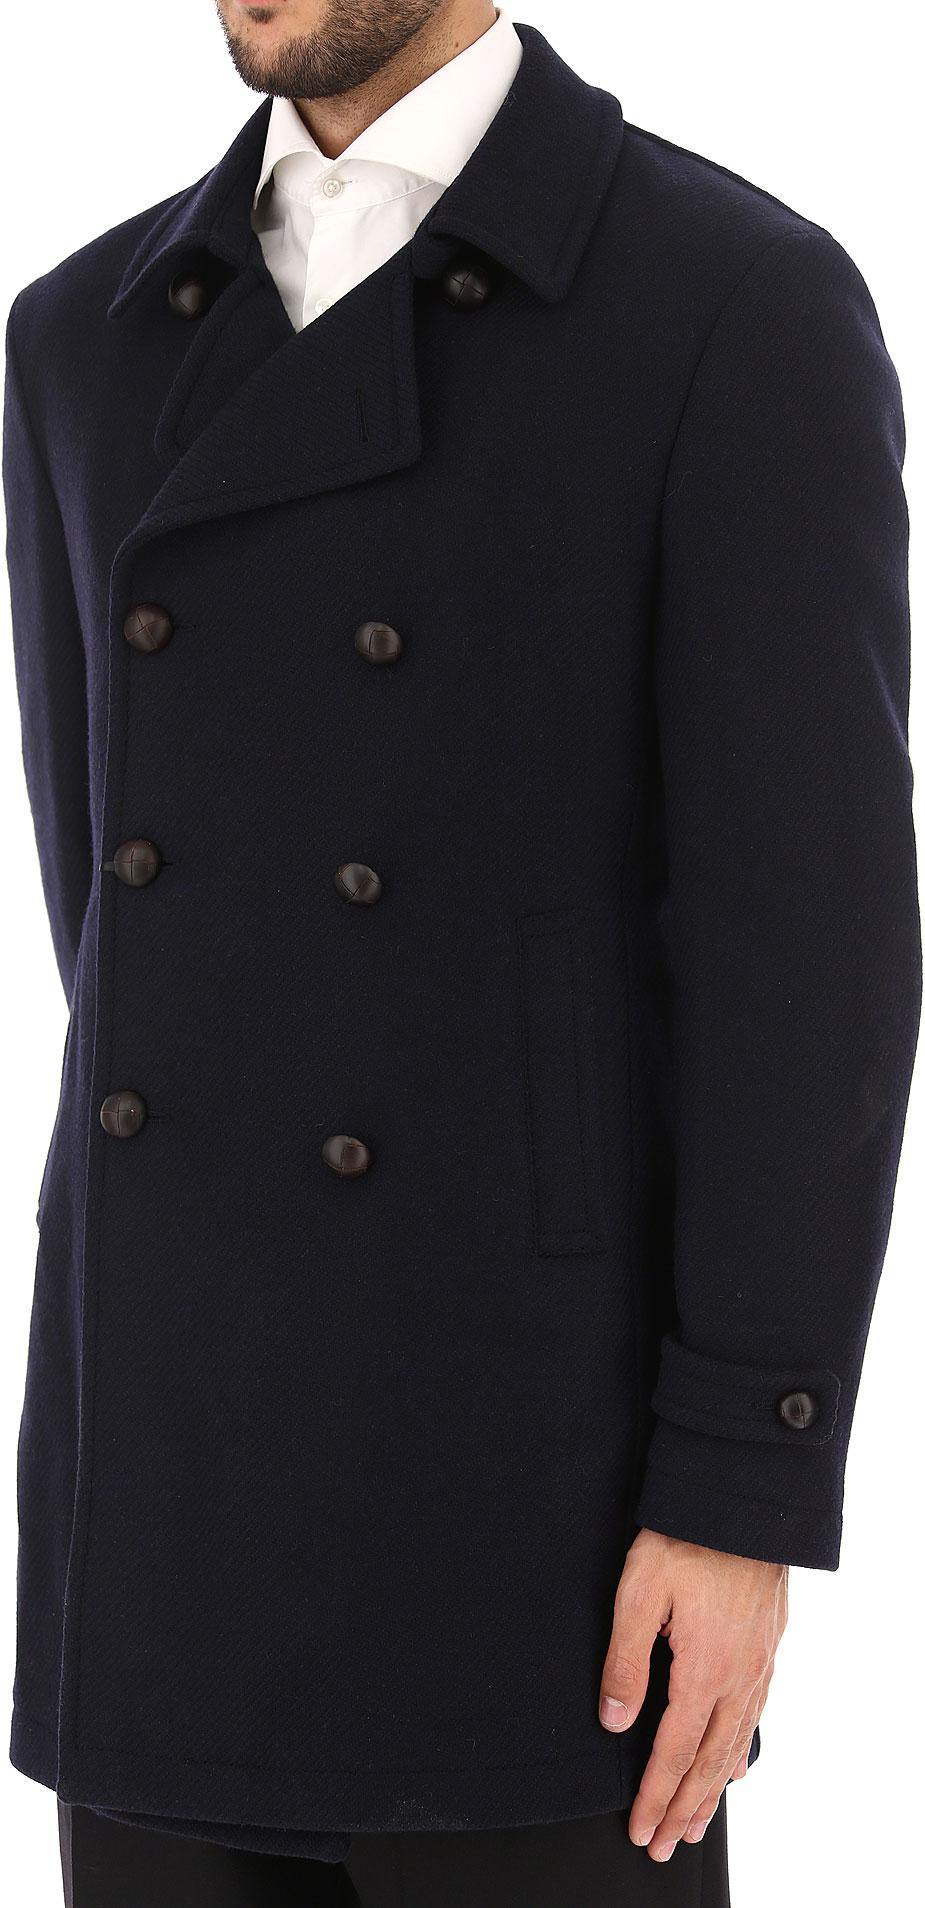 Abbigliamento Uomo Tagliatore, Codice Articolo: 34uic191-charlie-b1559